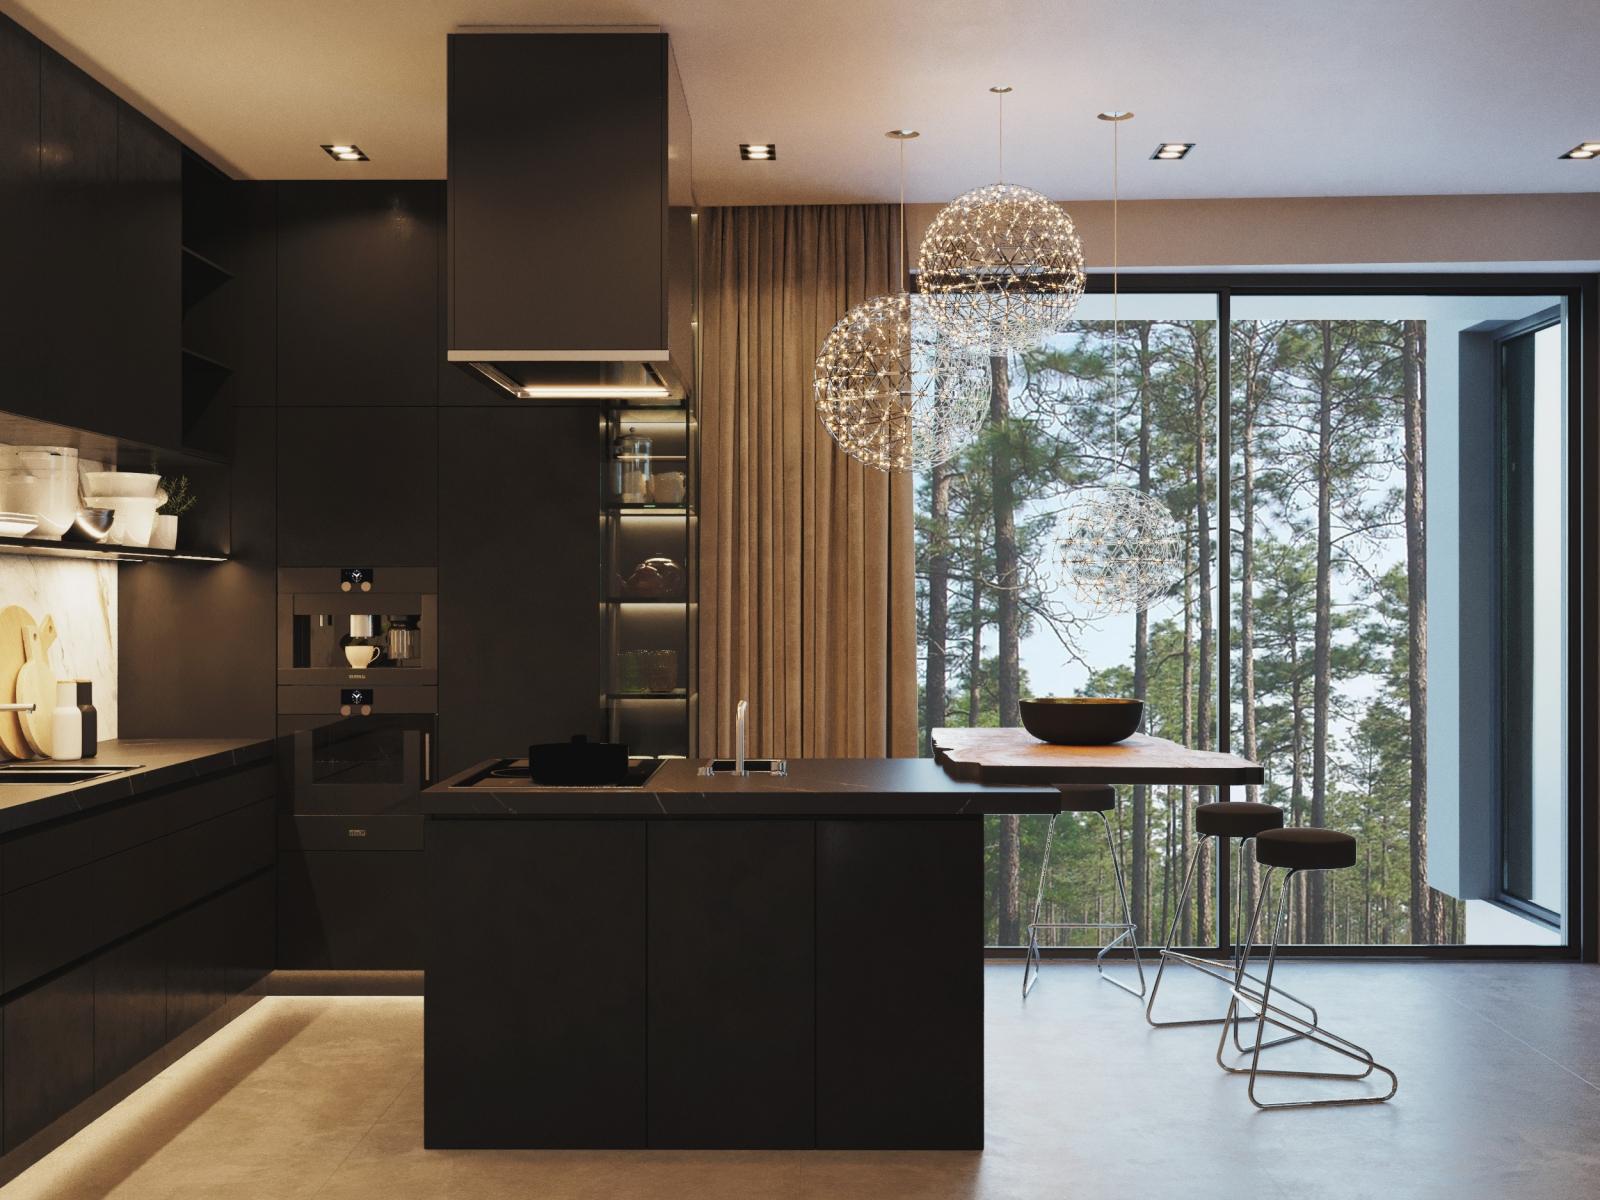 Luxury Kitchen in Black